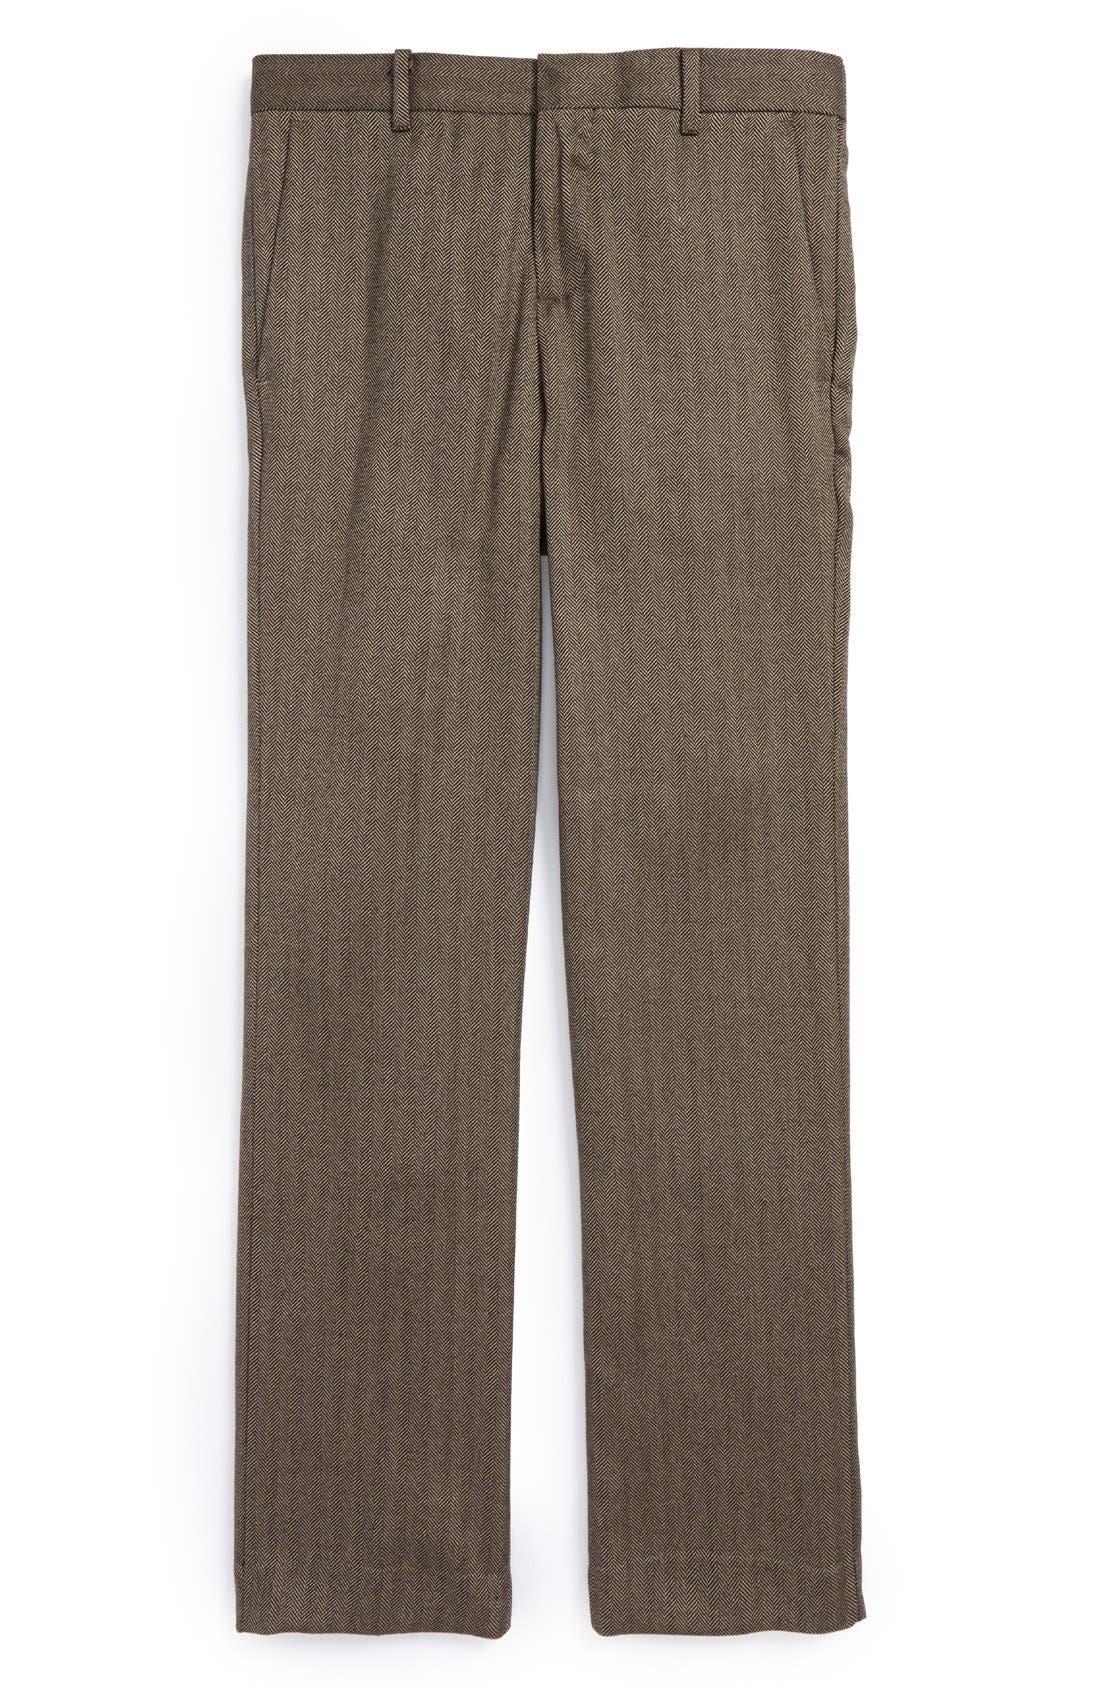 Main Image - Nordstrom 'Phillip' Herringbone Trousers (Toddler Boys, Little Boys & Big Boys)